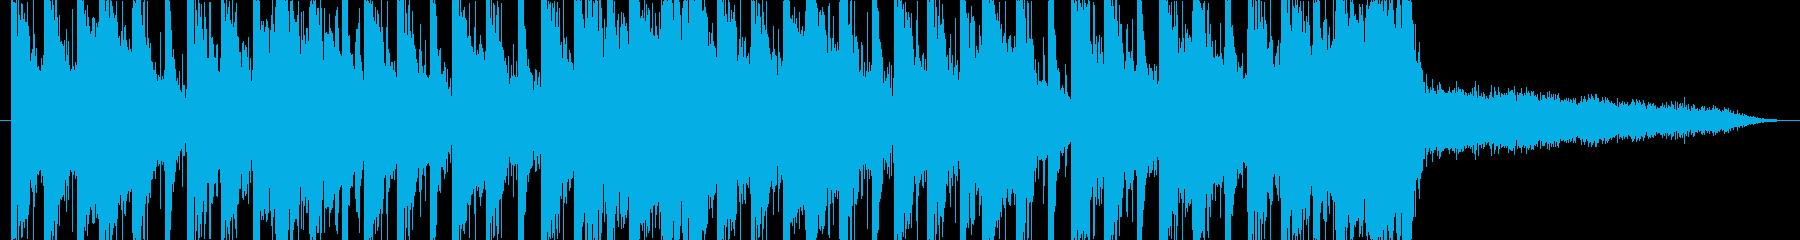 ジングル - 集まれ!工場萌え!の再生済みの波形